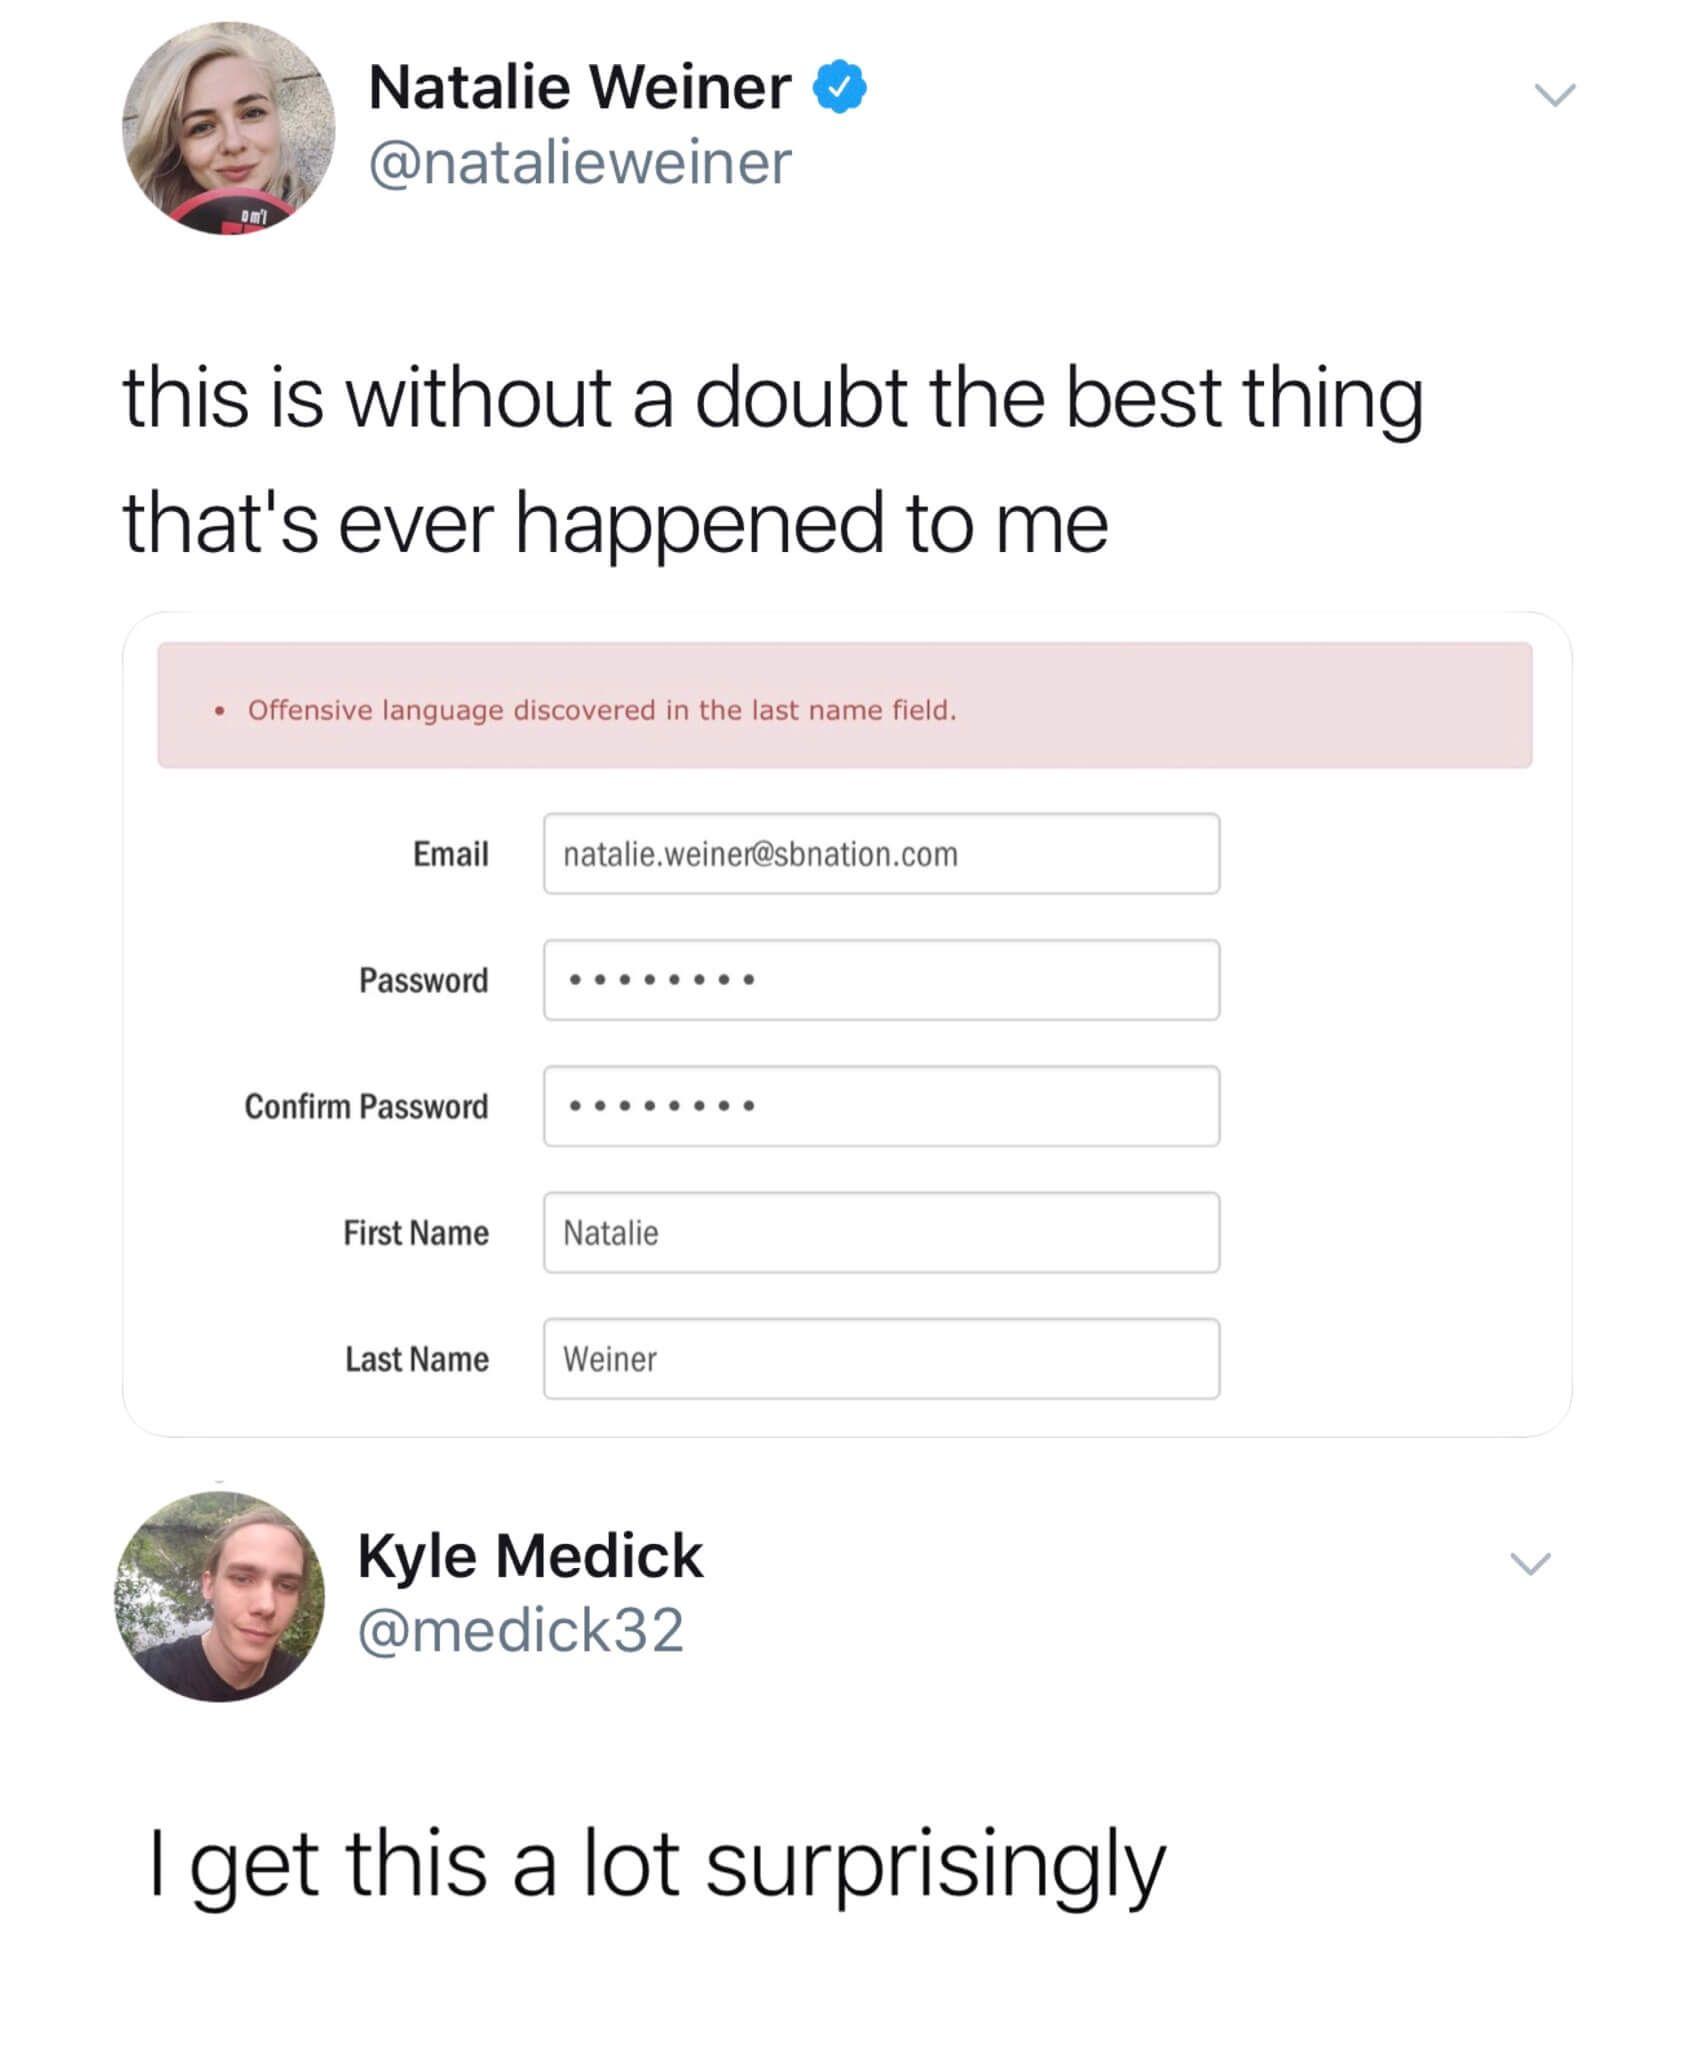 Send medick pics - LolSnaps